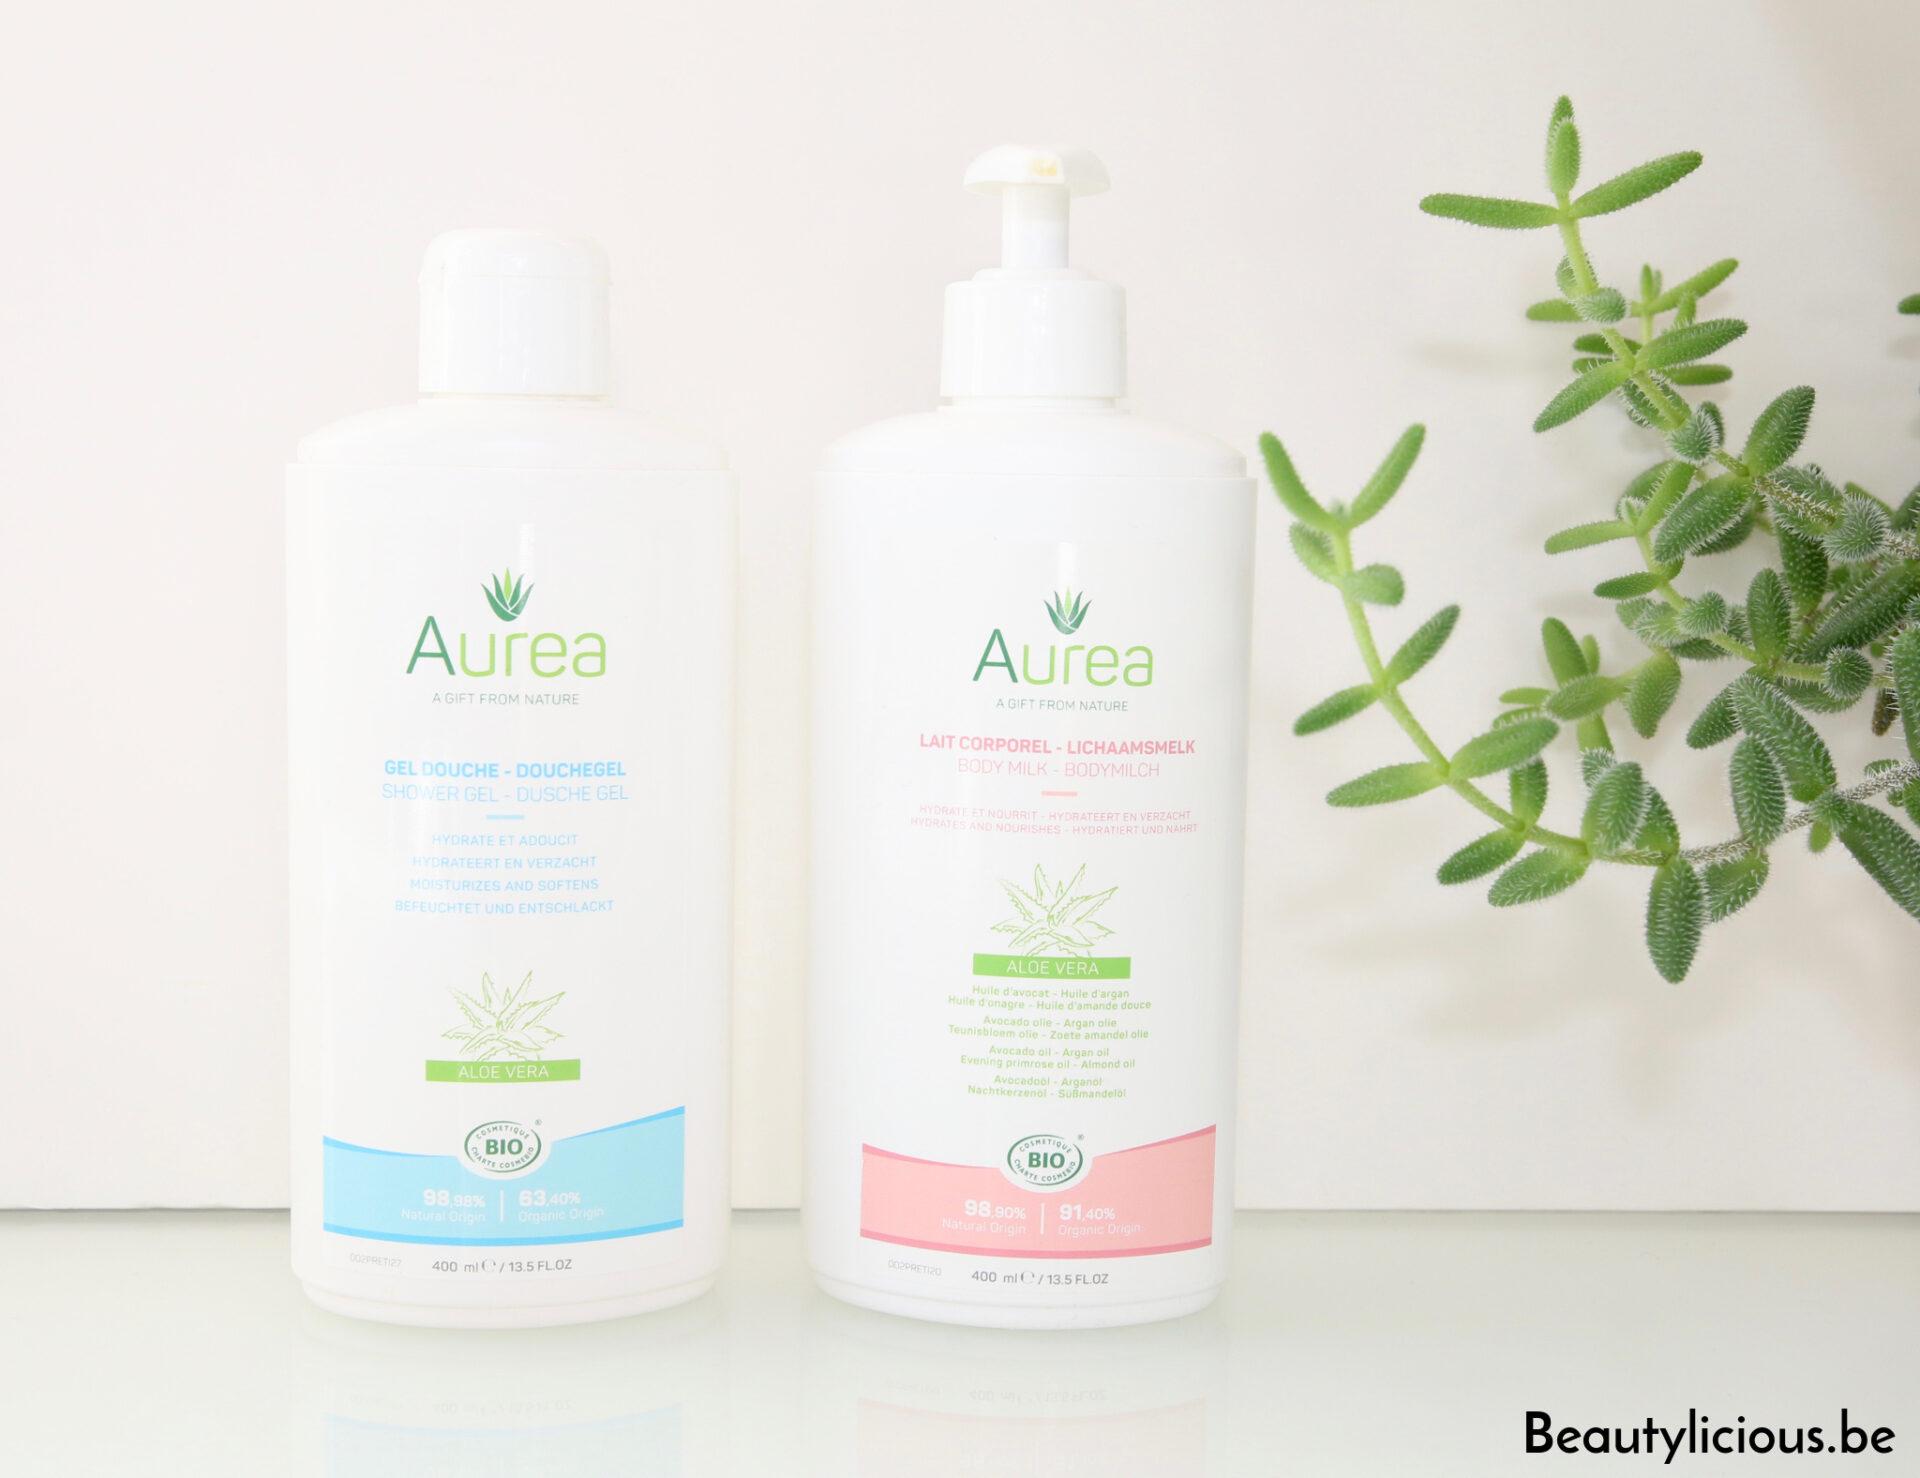 Routine corps de la marque belge Auréa, cosmétiques bio, naturels et vegan